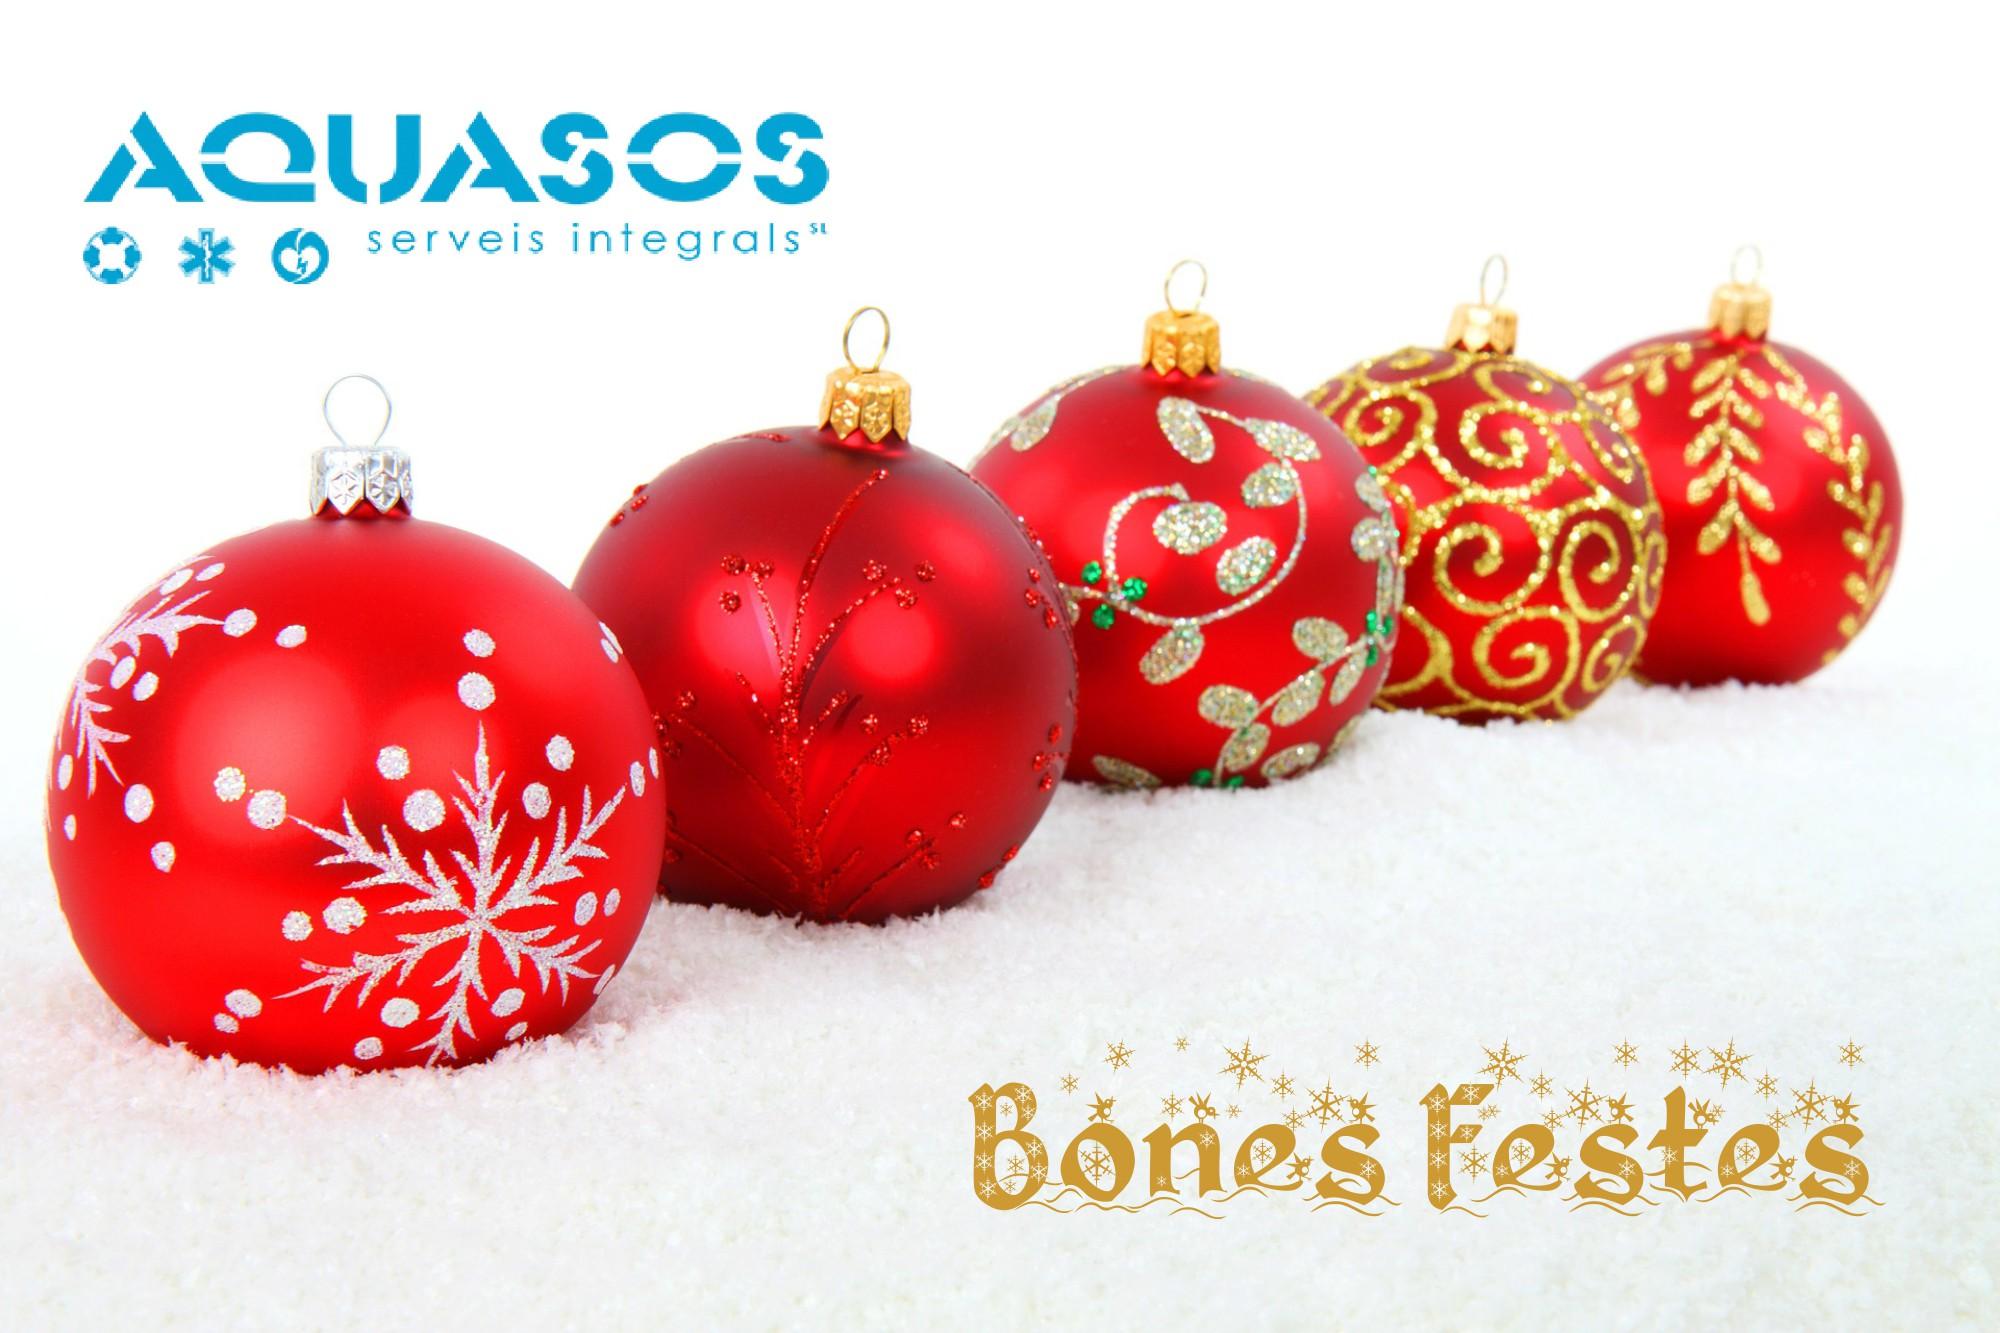 Us desitgem unes Bones Festes